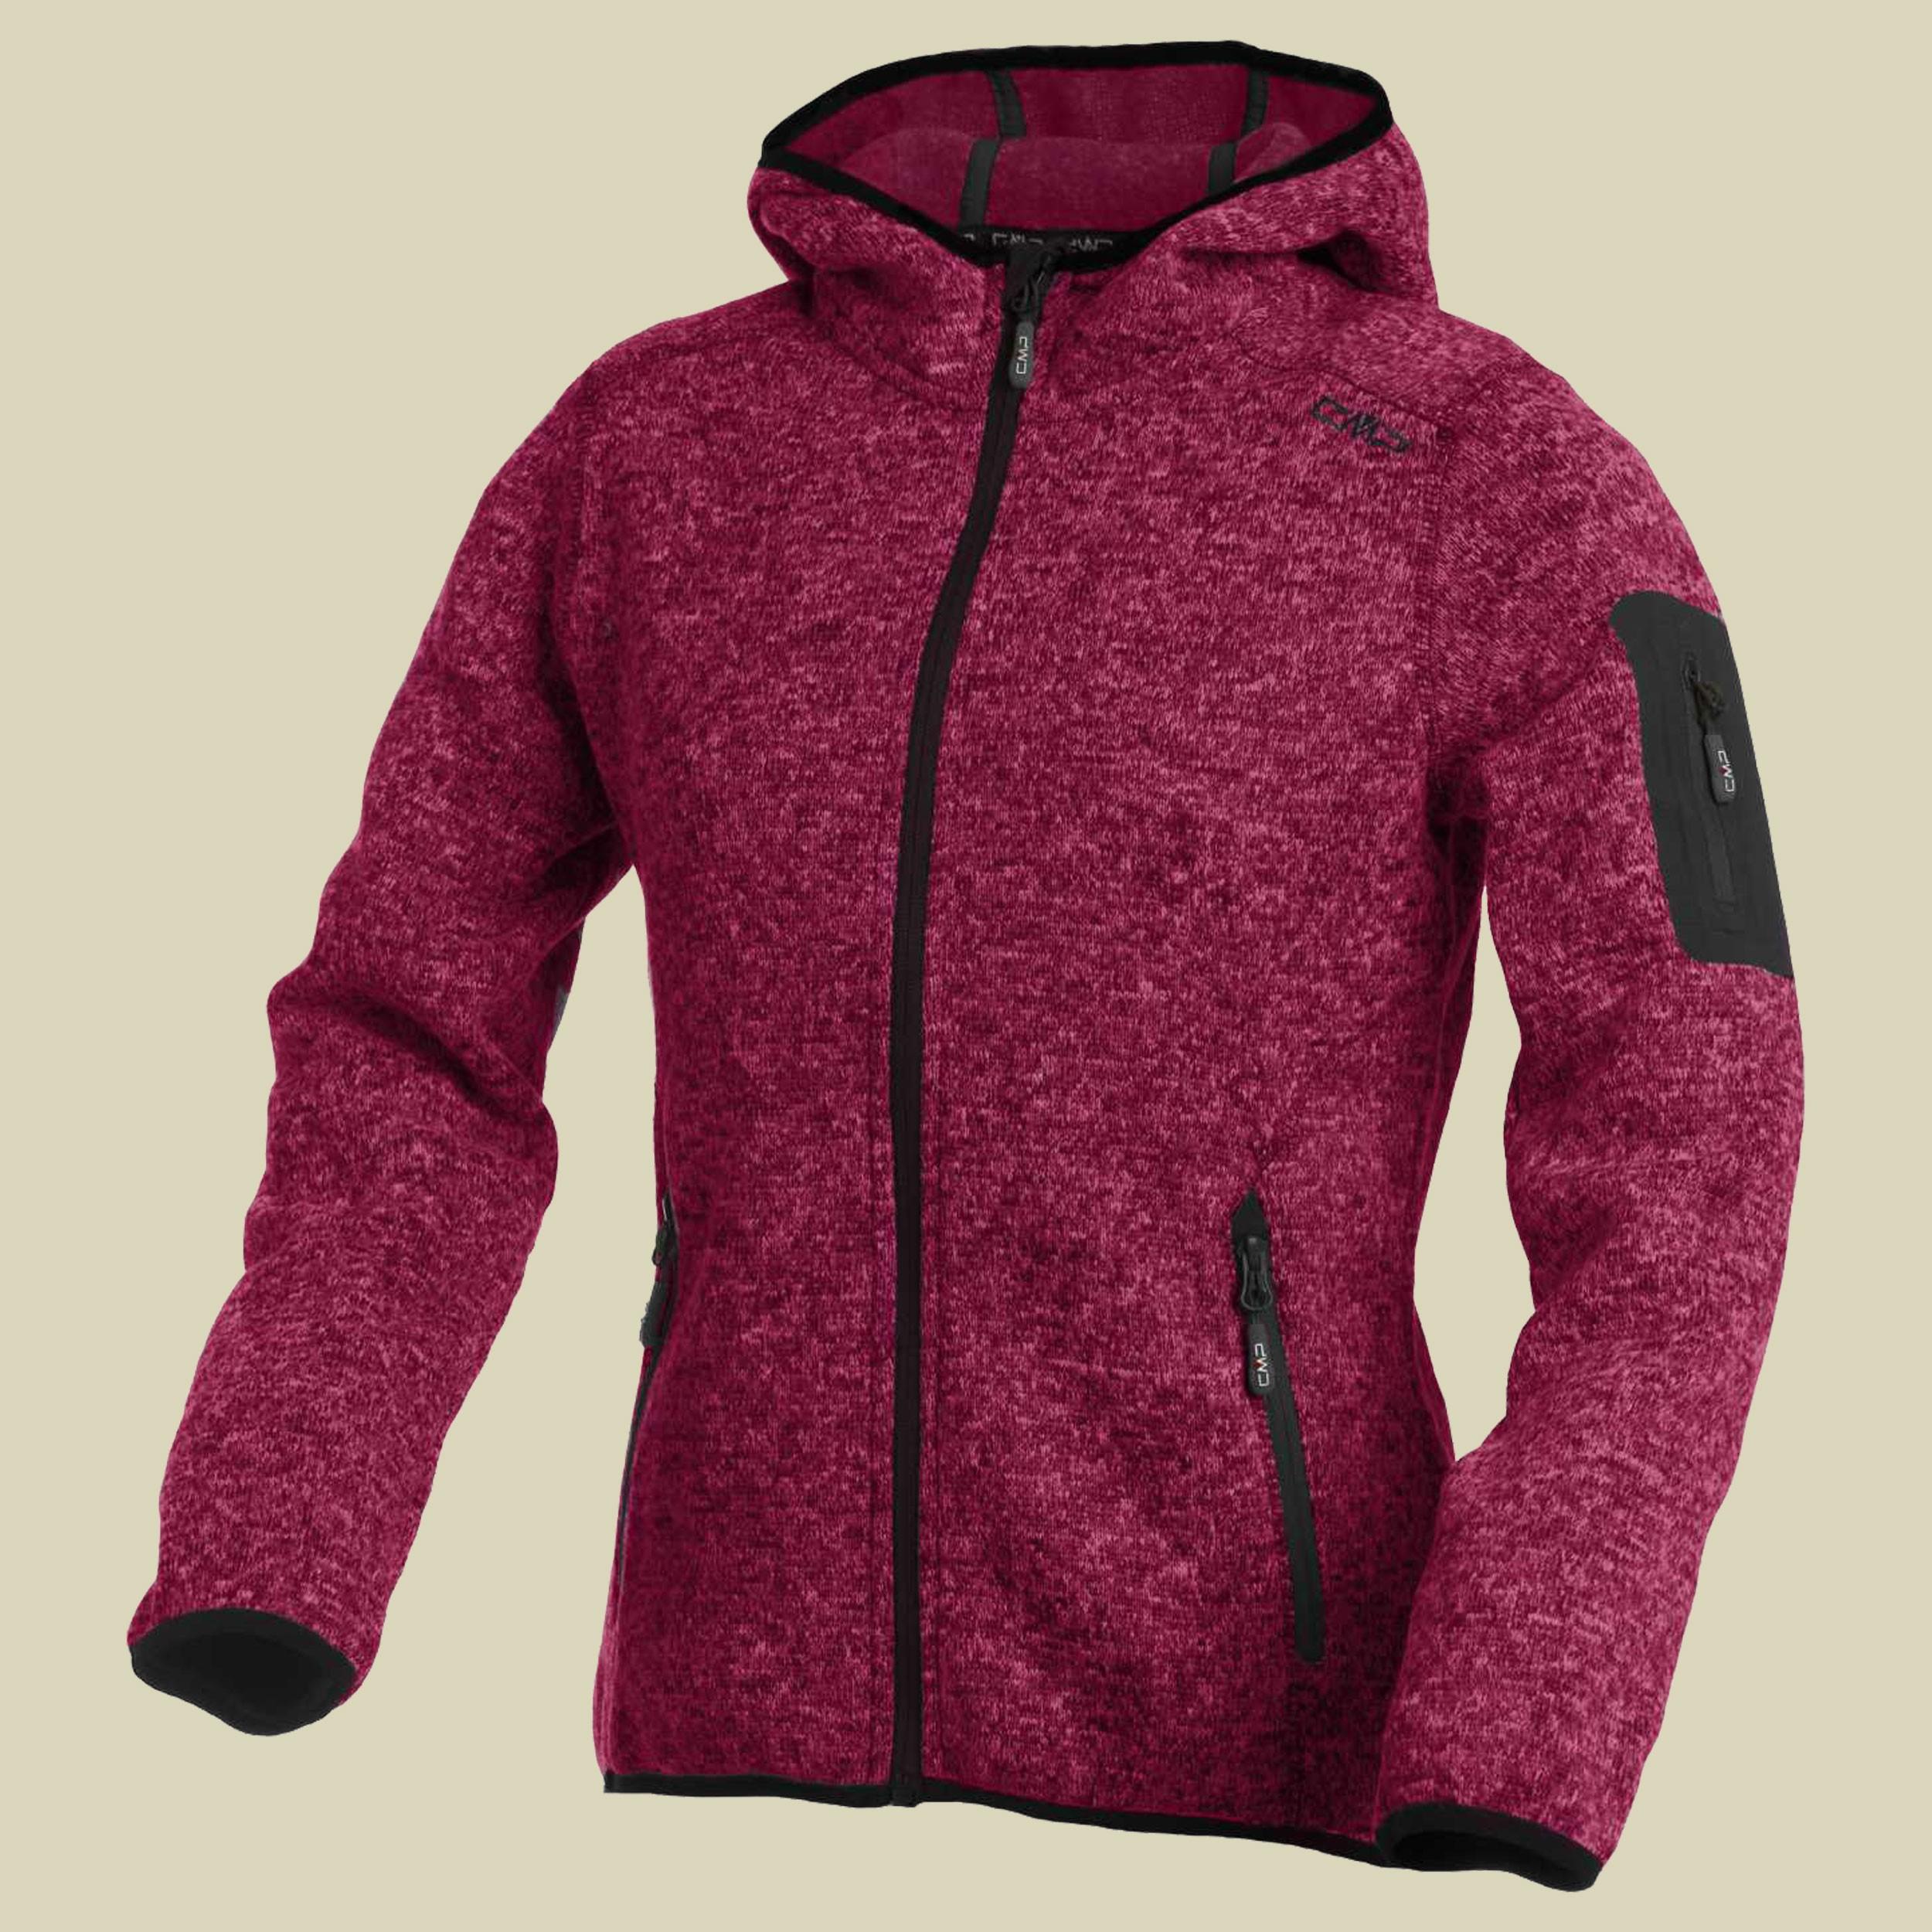 ea977df2feb2 Woman Knitted Fleece Jacket Fix Hood CMP 3H19826. -53%.  campagnolo woman fleece jacket fix hood 3H19826 355F scarlet bianco fallback